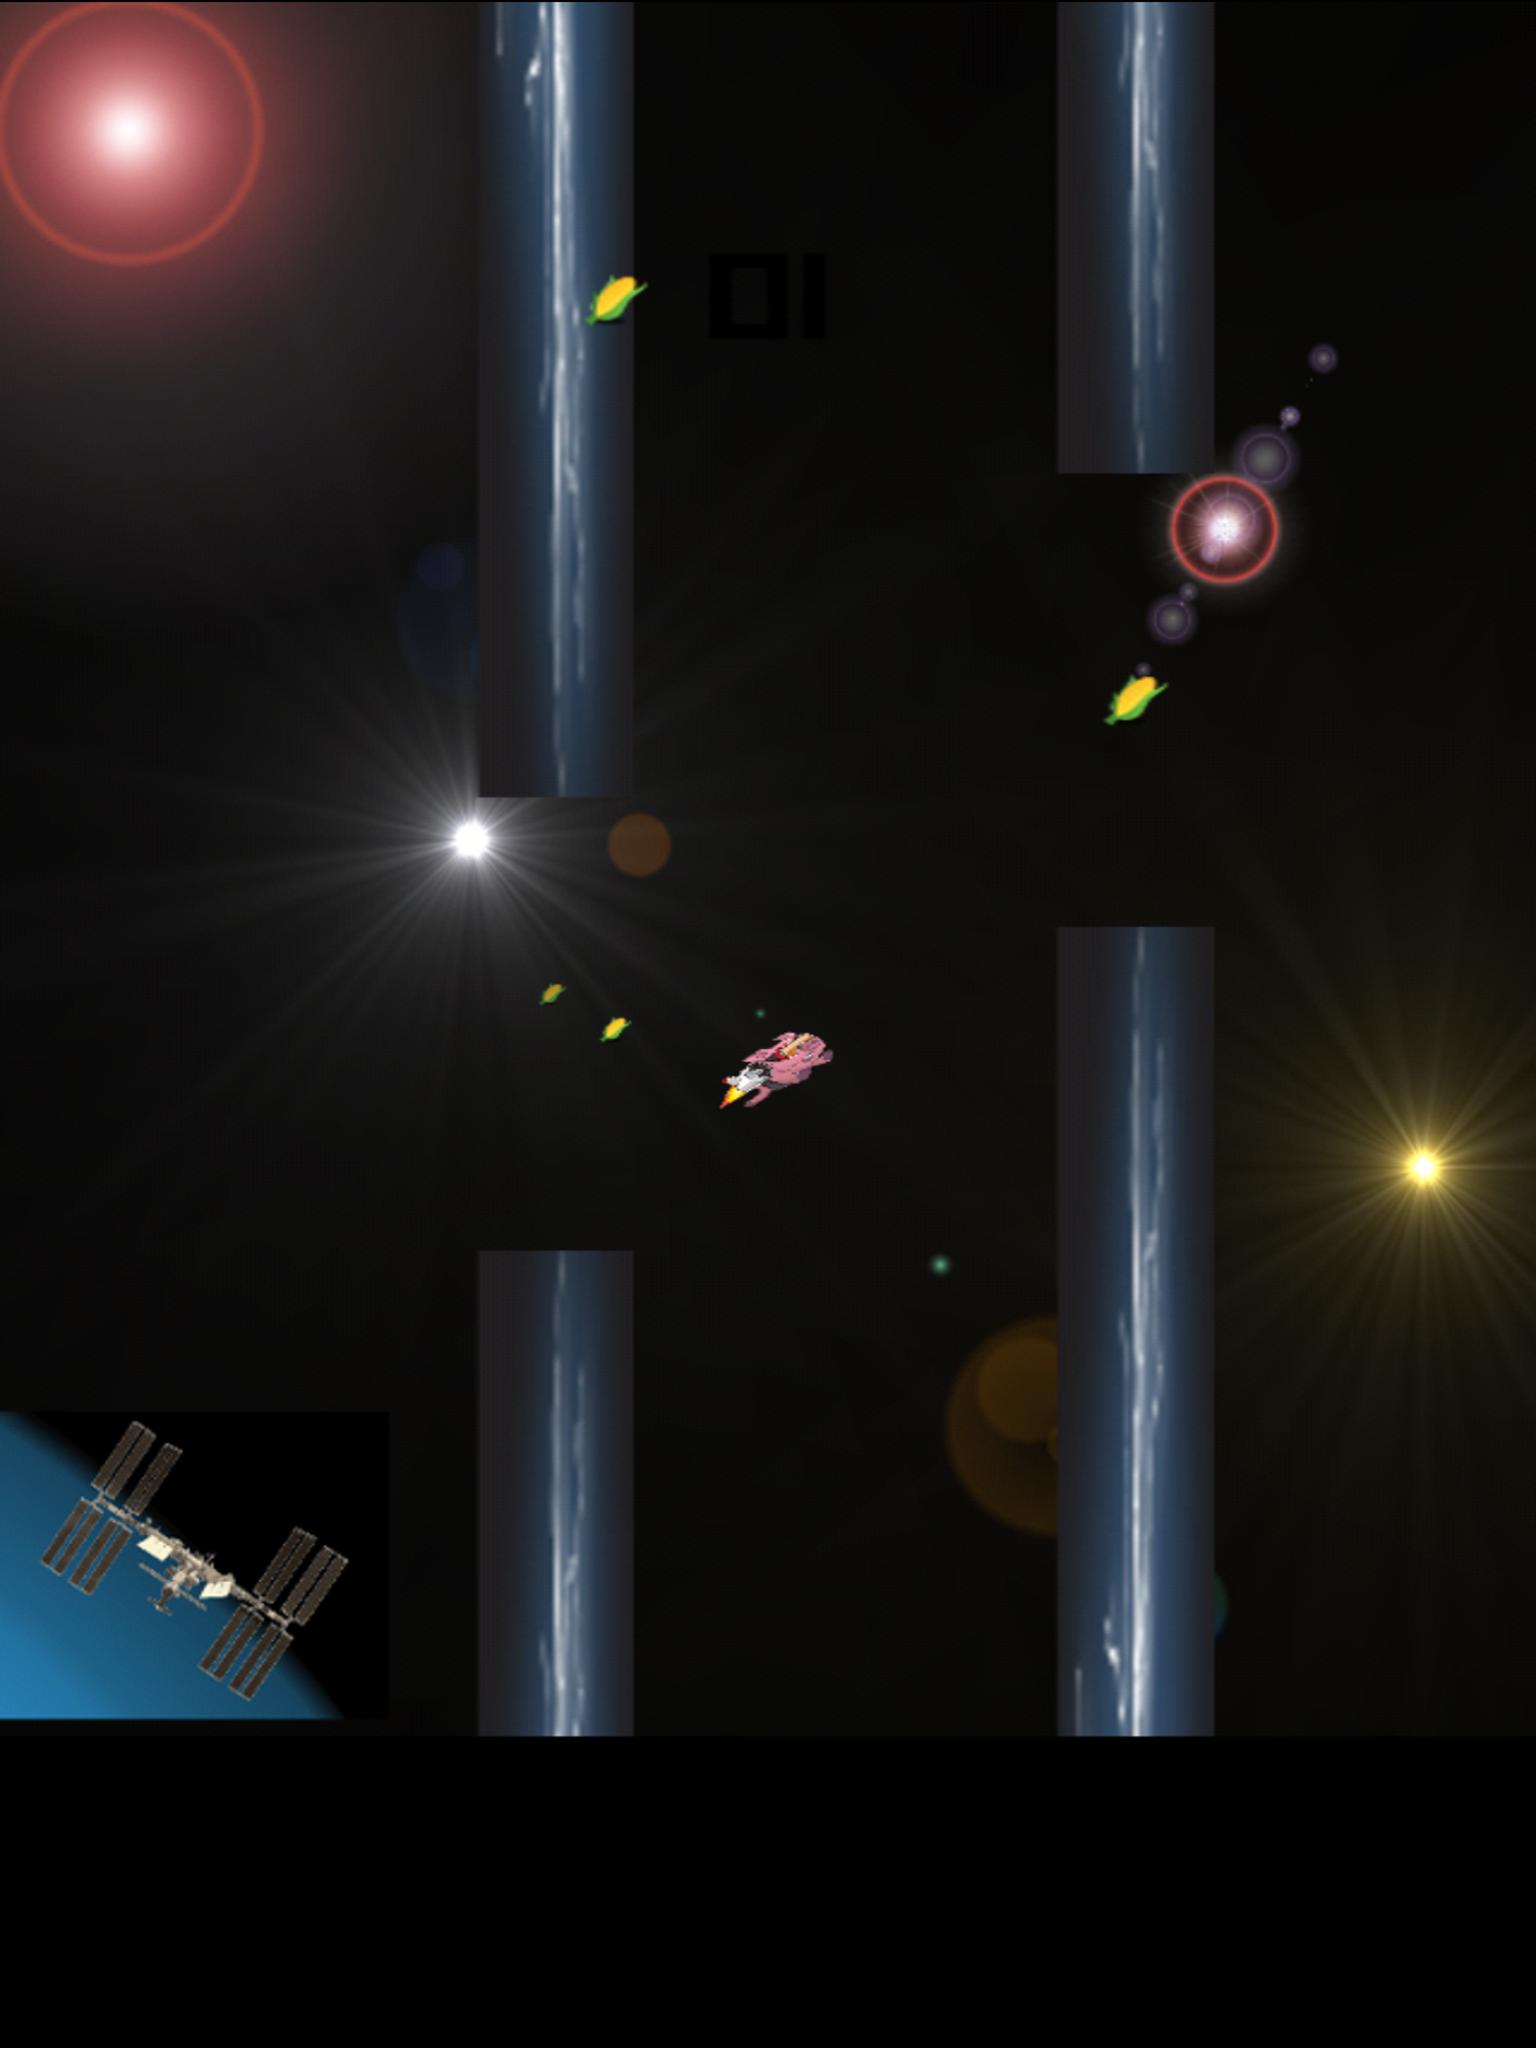 Pepper The Flying Pig